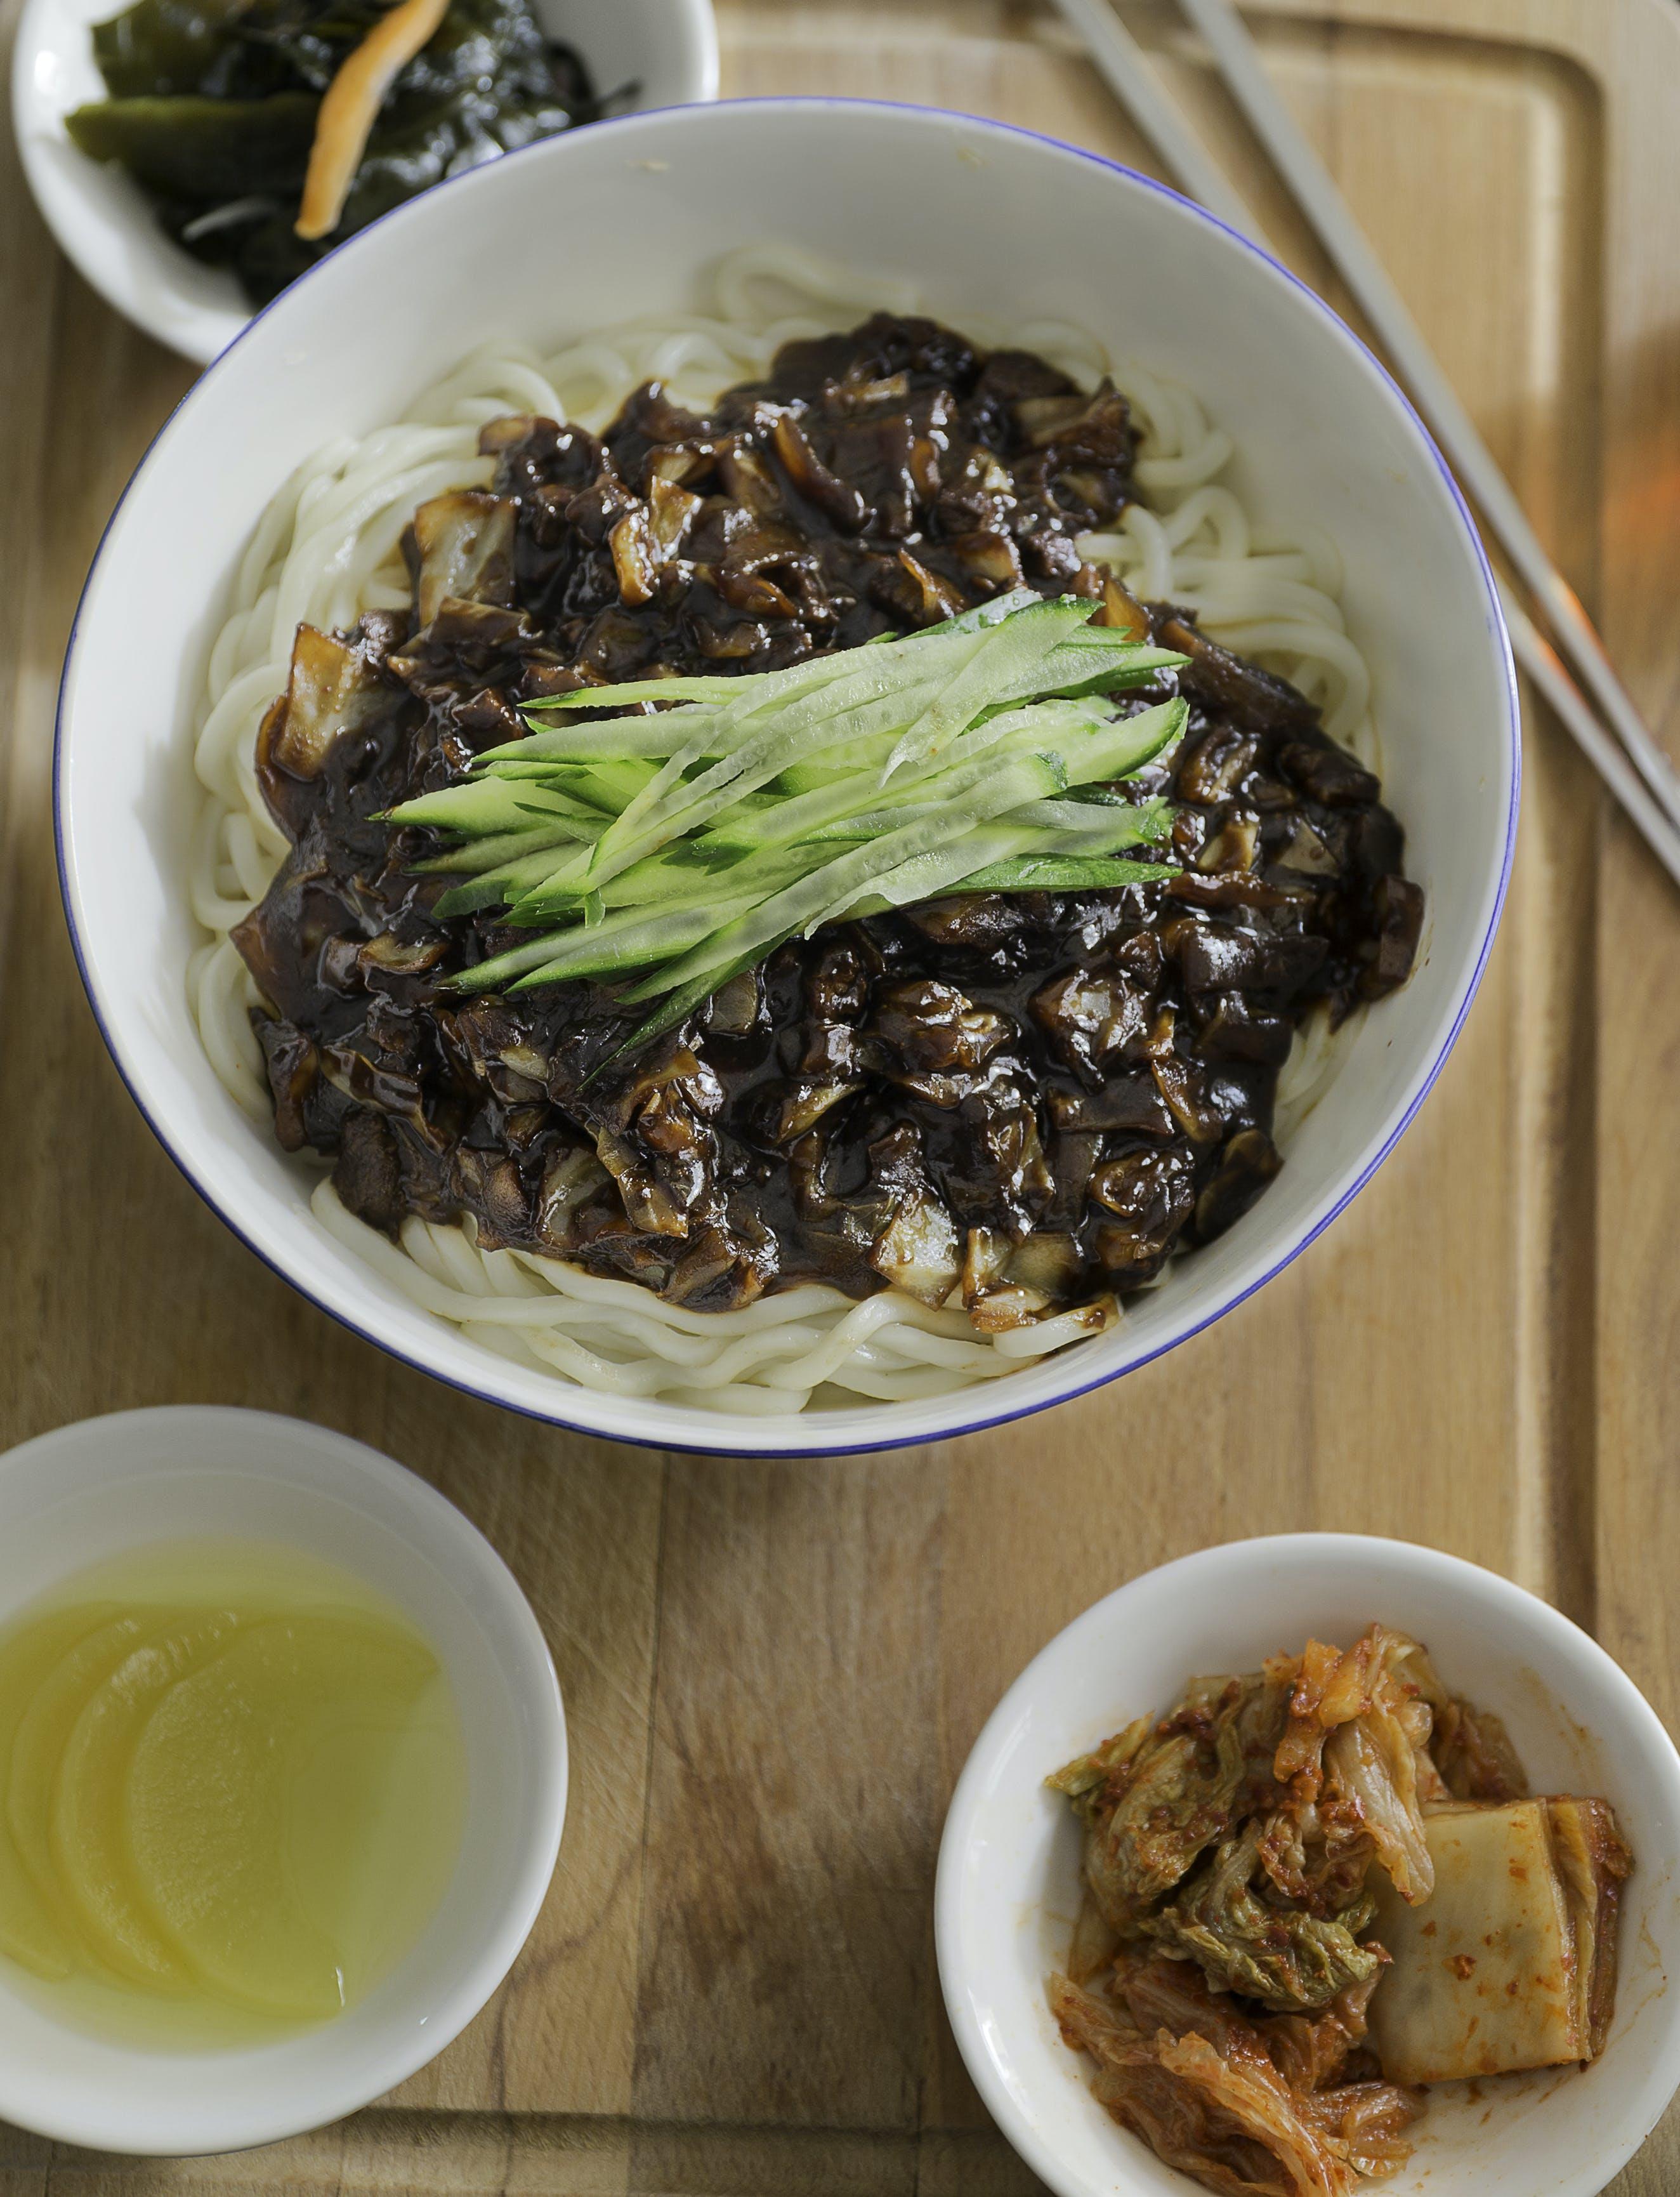 Gratis lagerfoto af gangnam, koreansk mad, kuwait, madfotografering